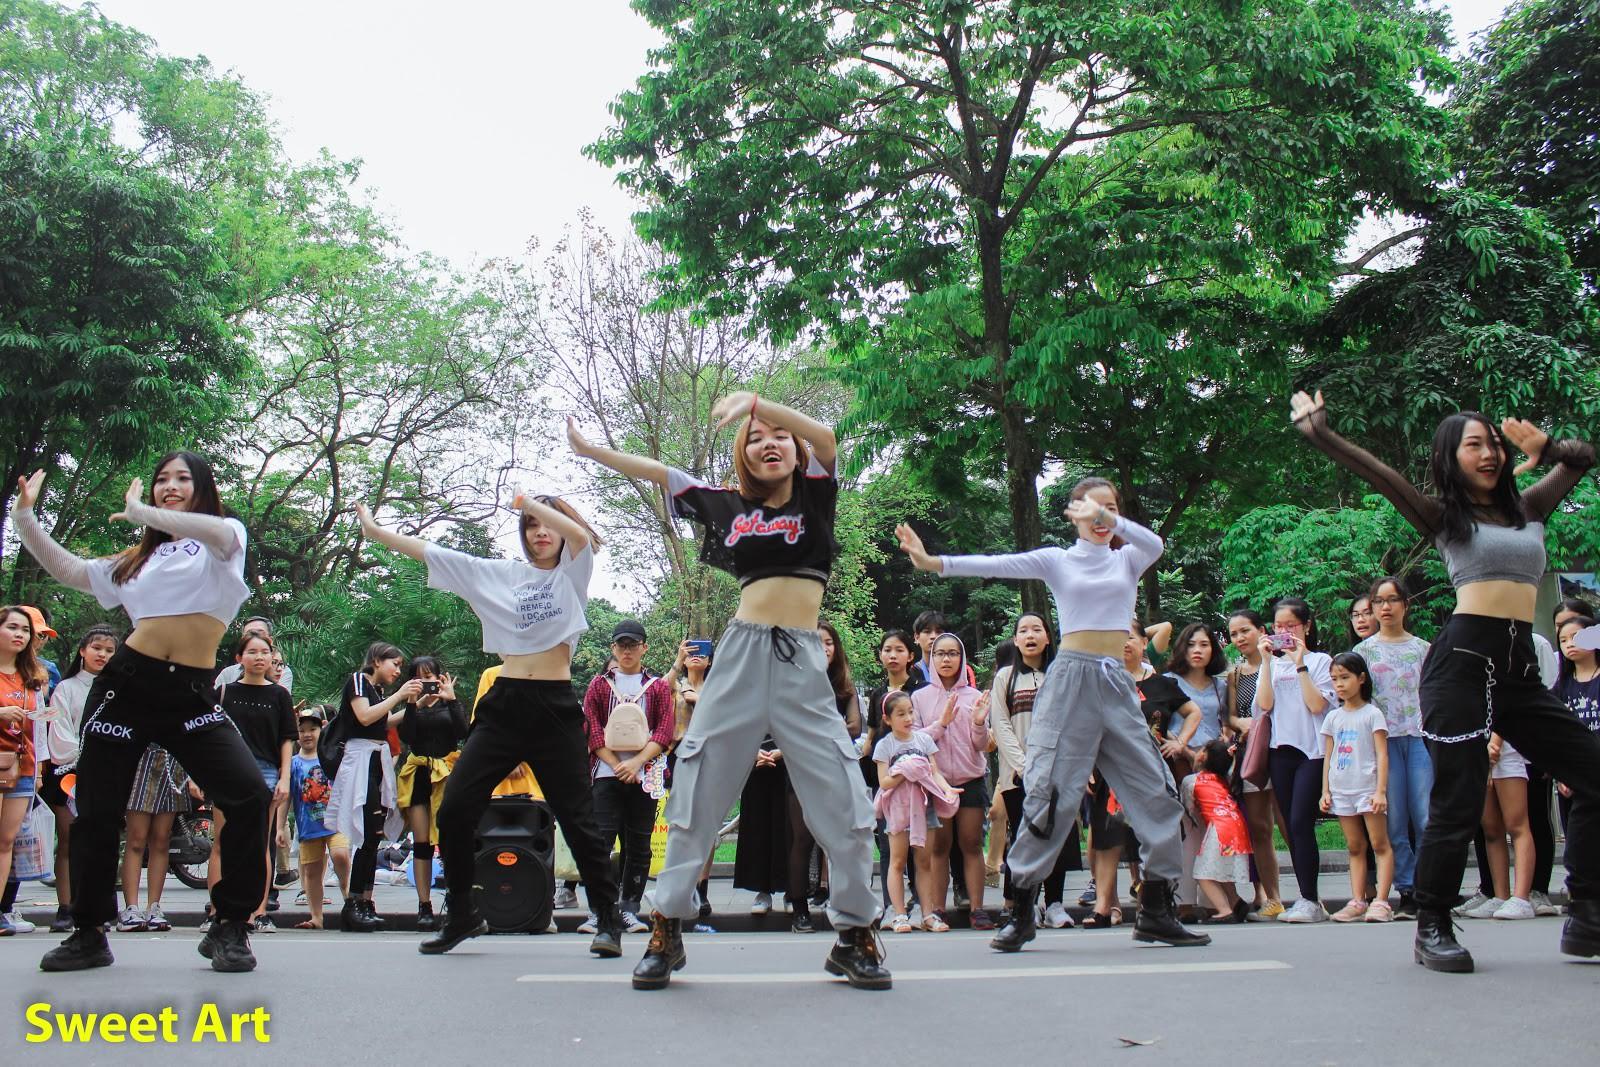 Lần đầu tổ chức offline Cover Kpop tại phố đi bộ, Sweet Art gây ấn tượng mạnh với các học viên - Ảnh 5.